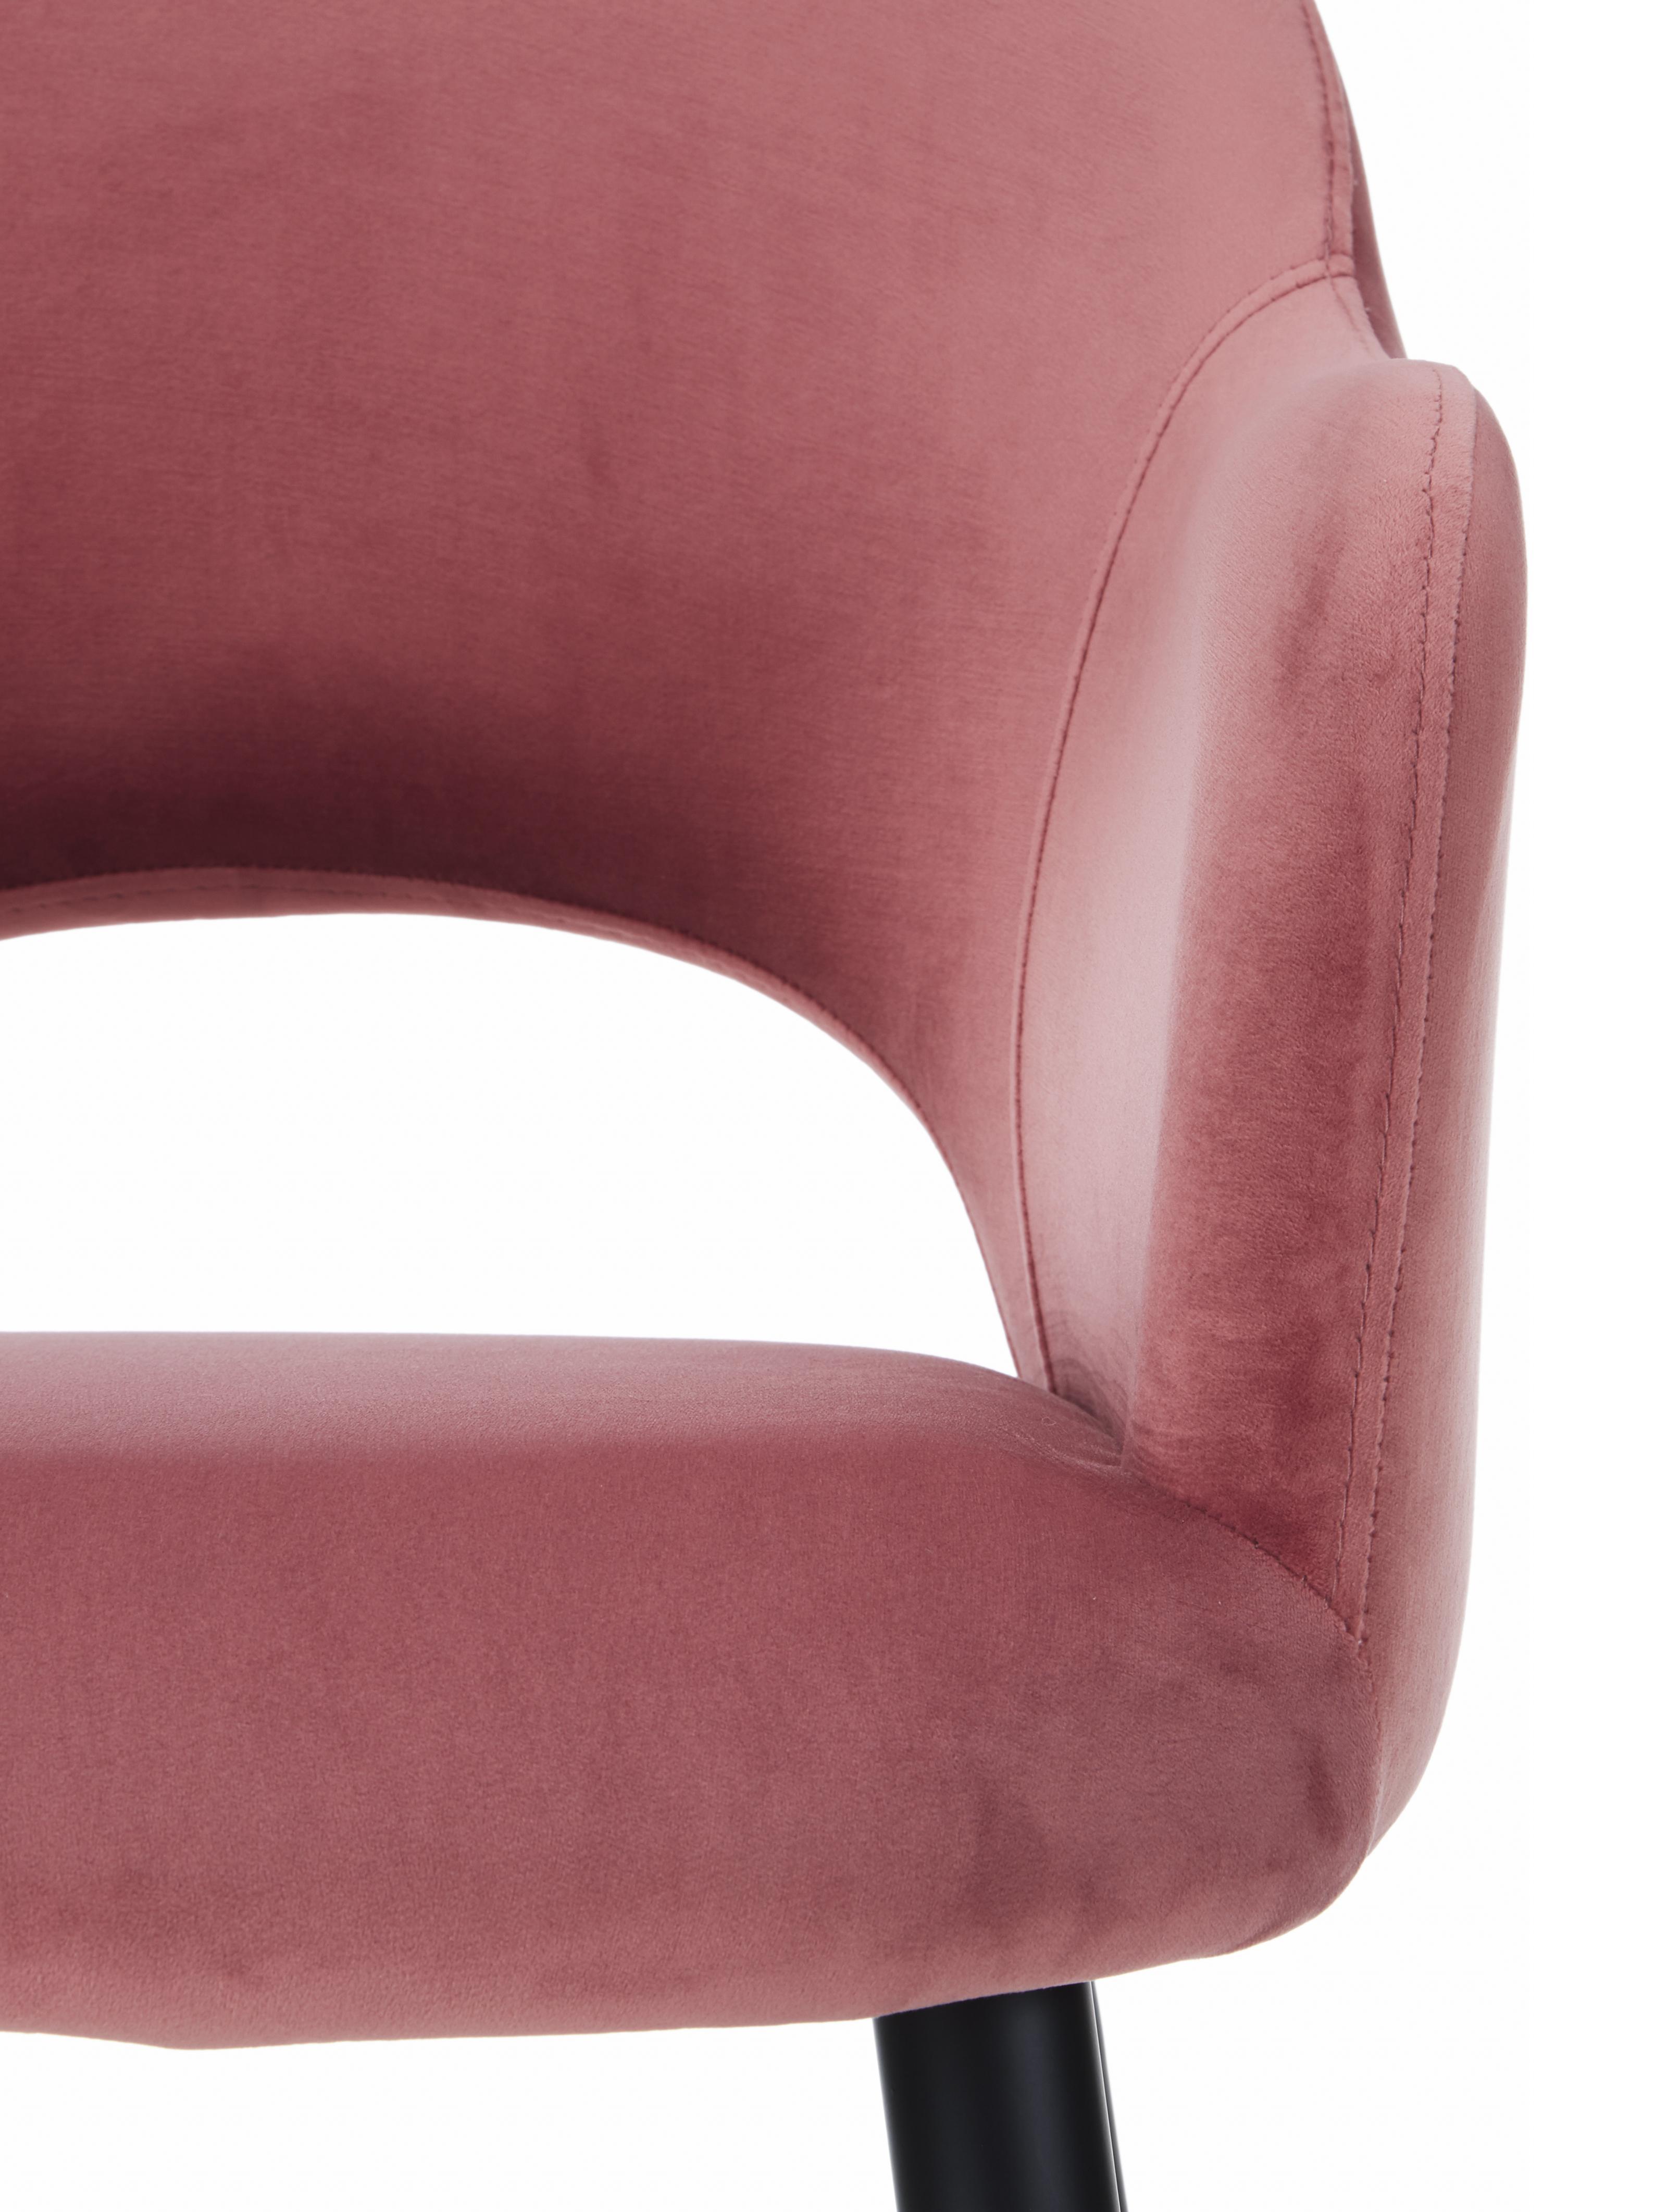 Silla con reposabrazos de terciopelo Rachel, Tapizado: terciopelo (poliéster) 50, Patas: metal con pintura en polv, Terciopelo rosa palo, An 47 x F 64 cm